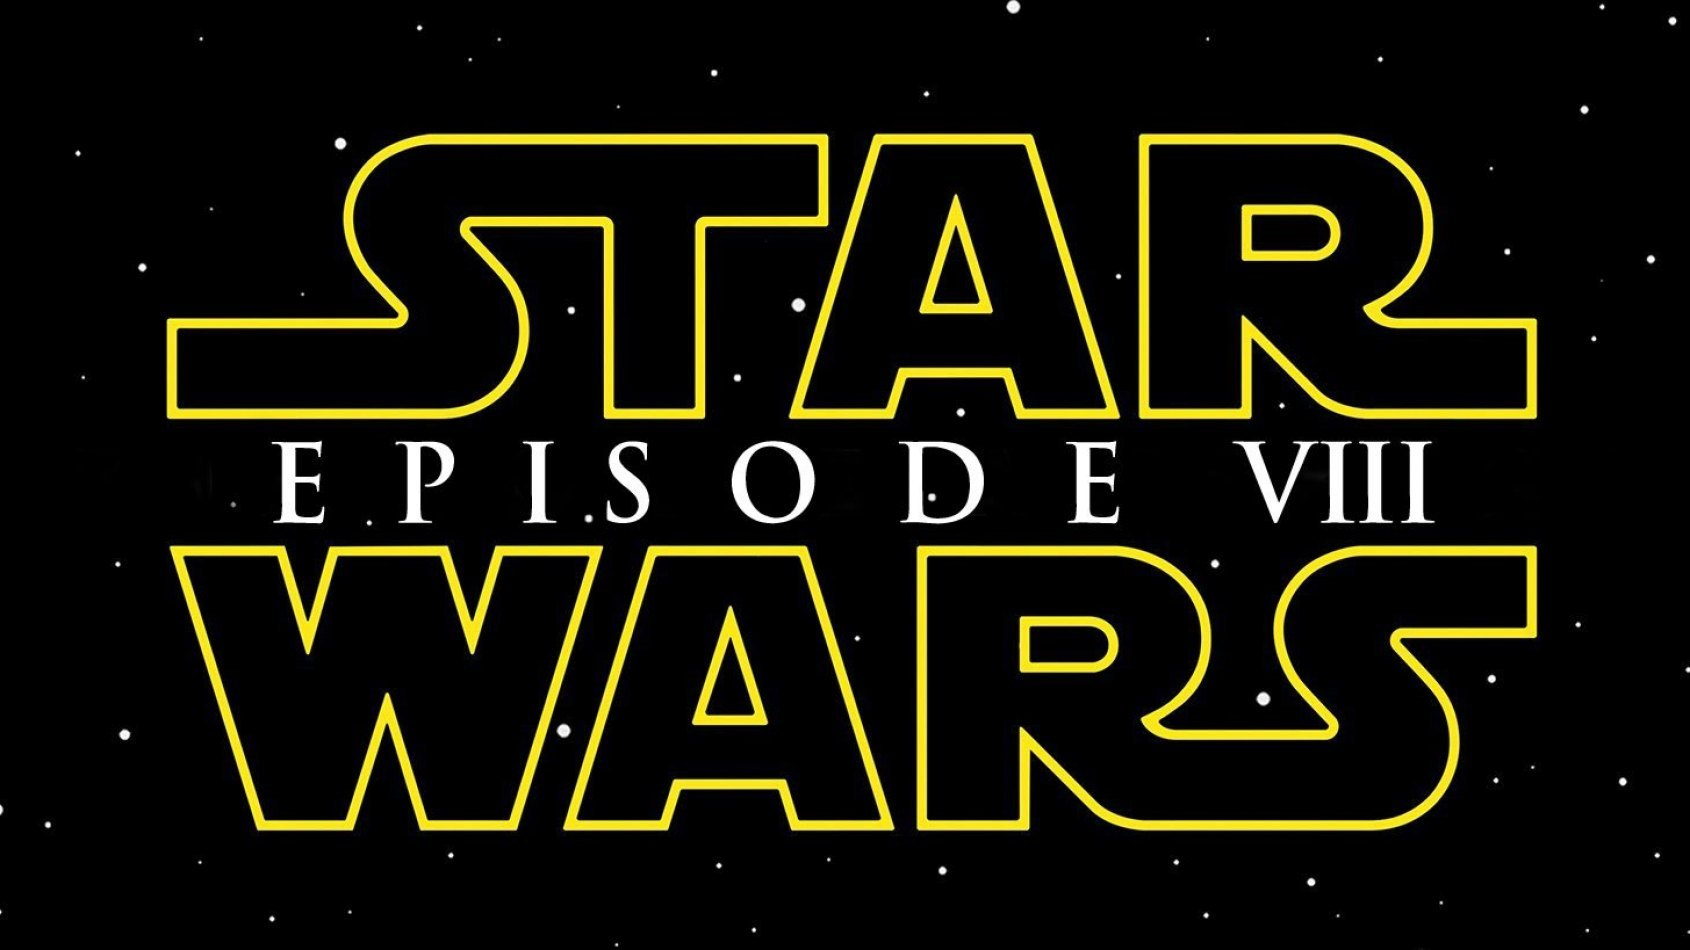 Épisode VIII: Qui sera le premier adversaire de Rey ?